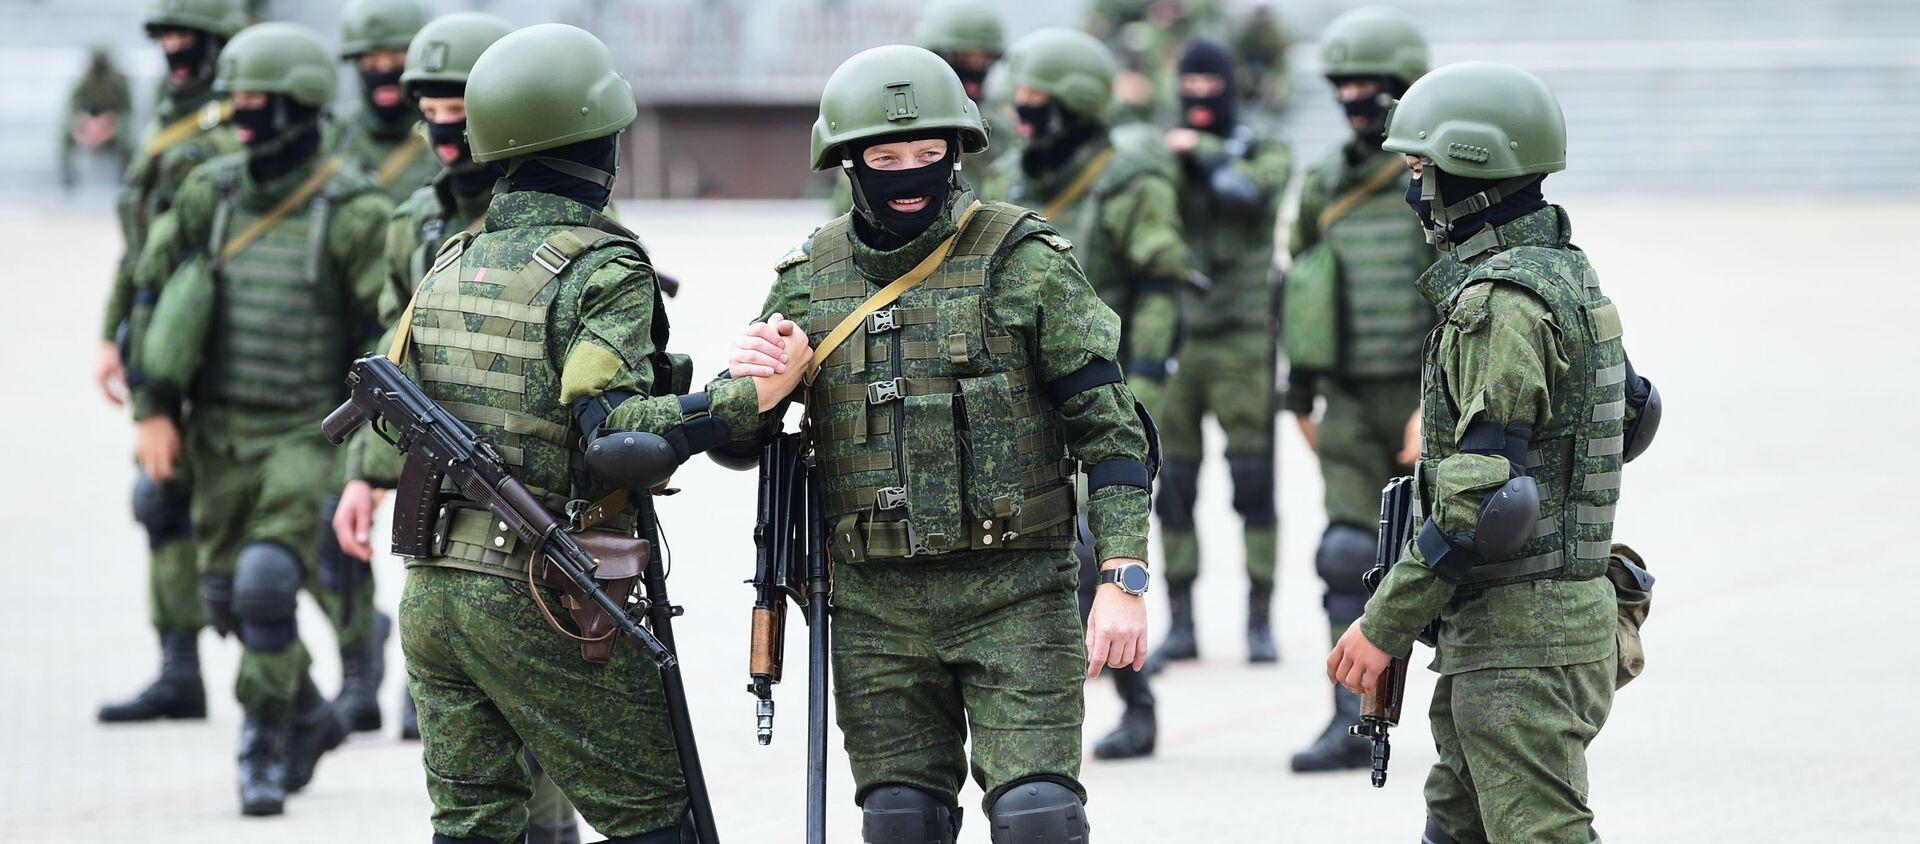 Funkcjonariusze struktur siłowych przed rozpoczęciem nielegalnych akcji protestacyjnych w Mińsku. - Sputnik Polska, 1920, 27.03.2021